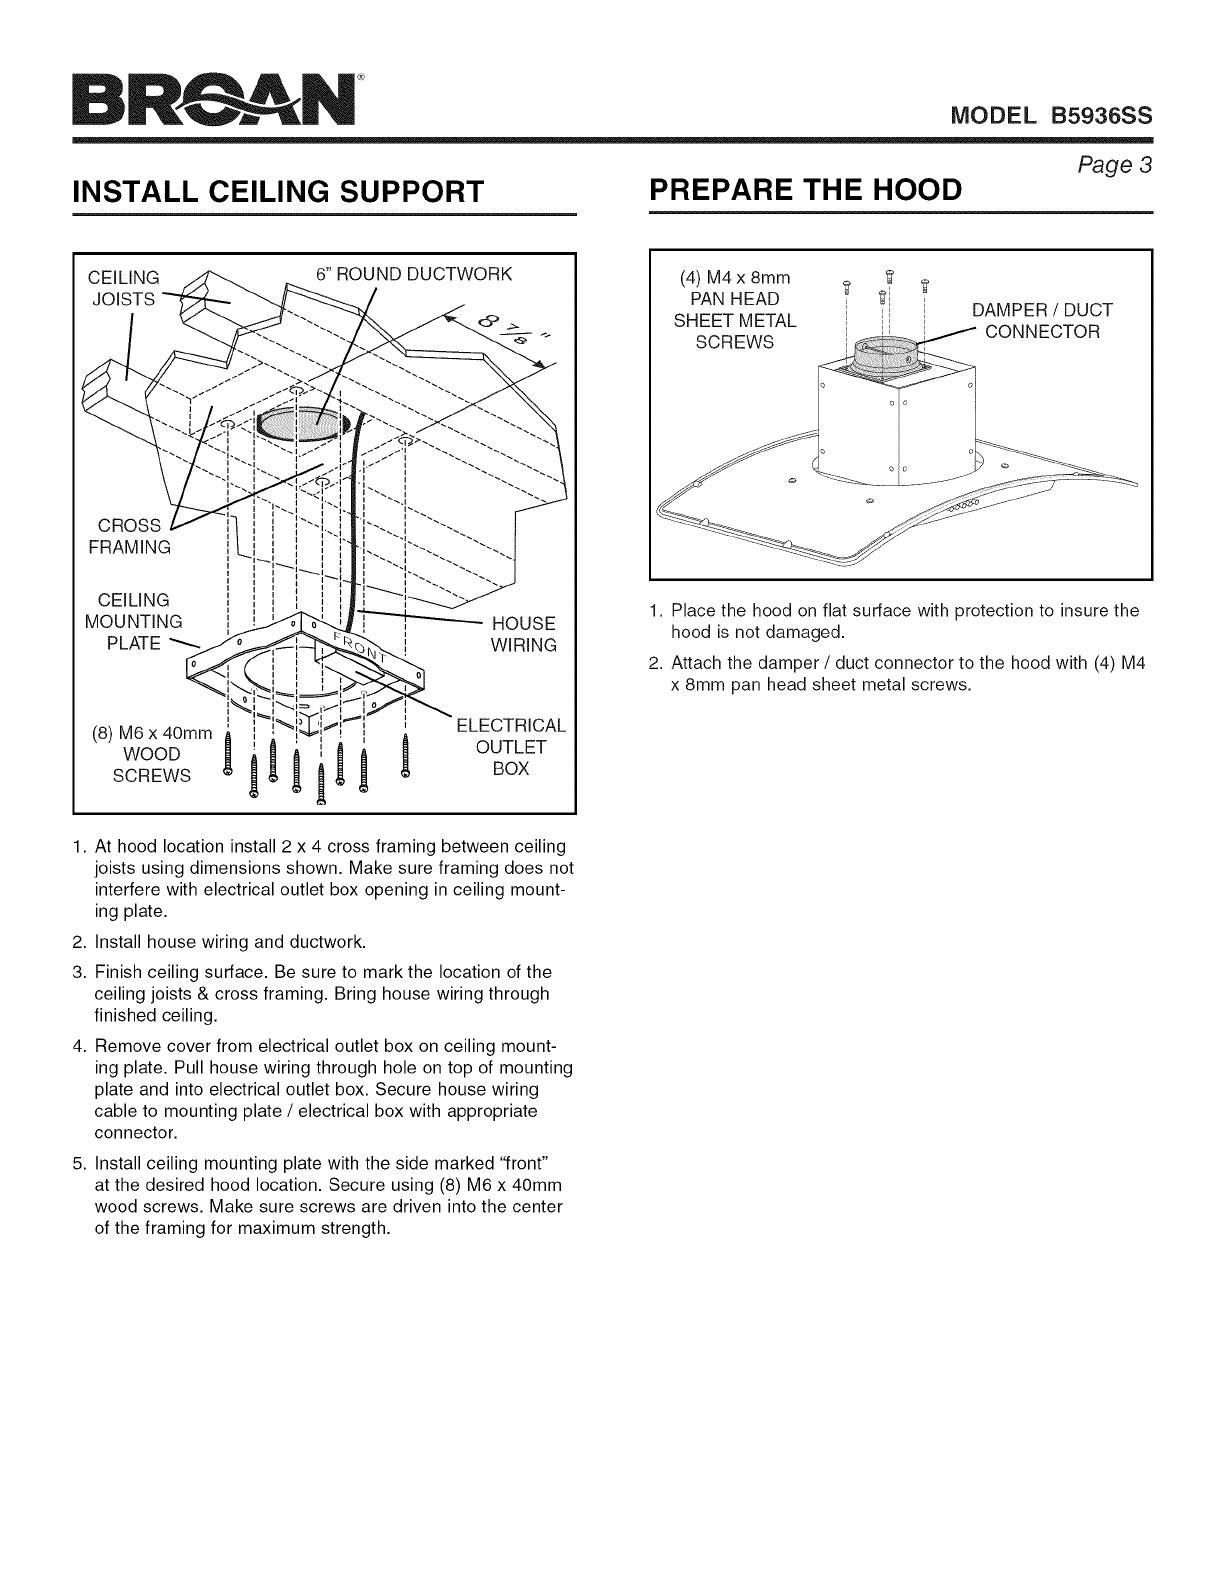 Broan B5936SS User Manual RANGE HOOD Manuals And Guides 1508073LUserManual.wiki